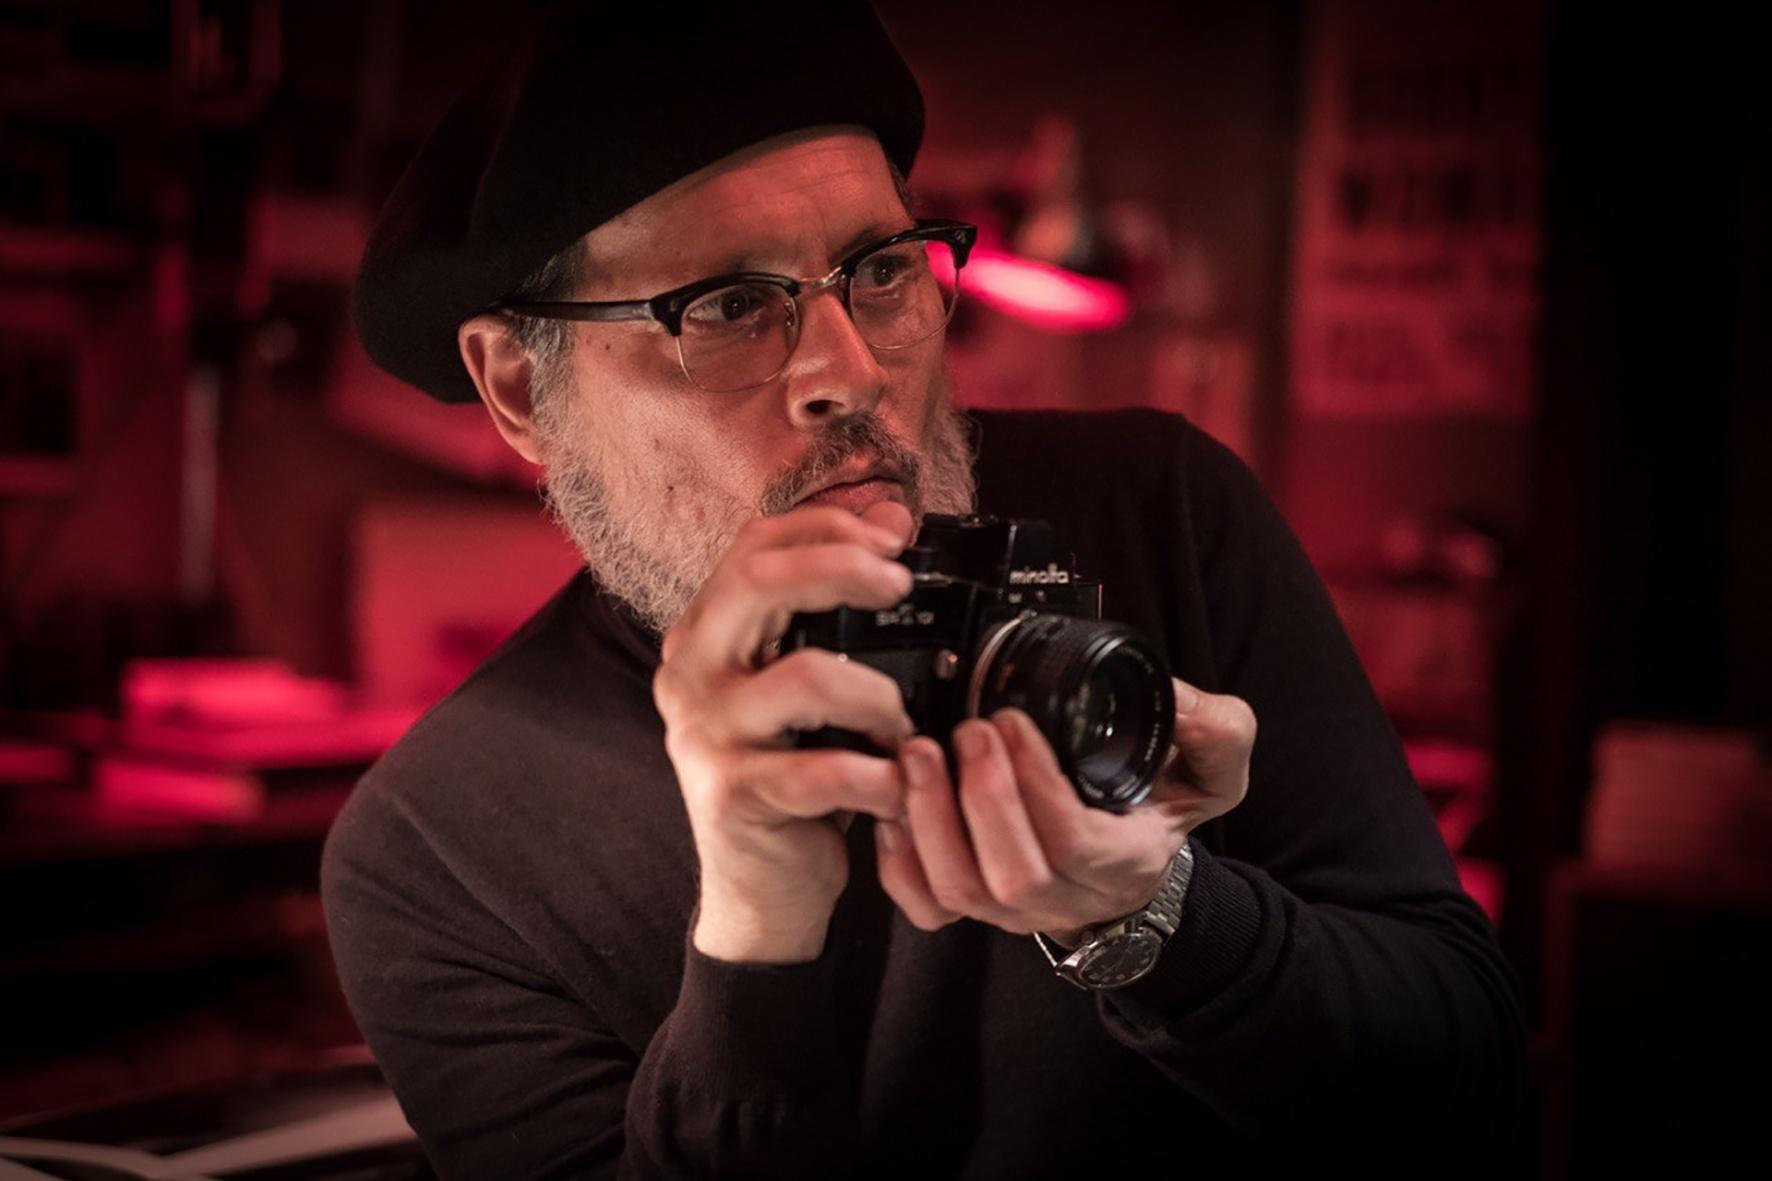 Джонни Депп с фотокамерой Minolta